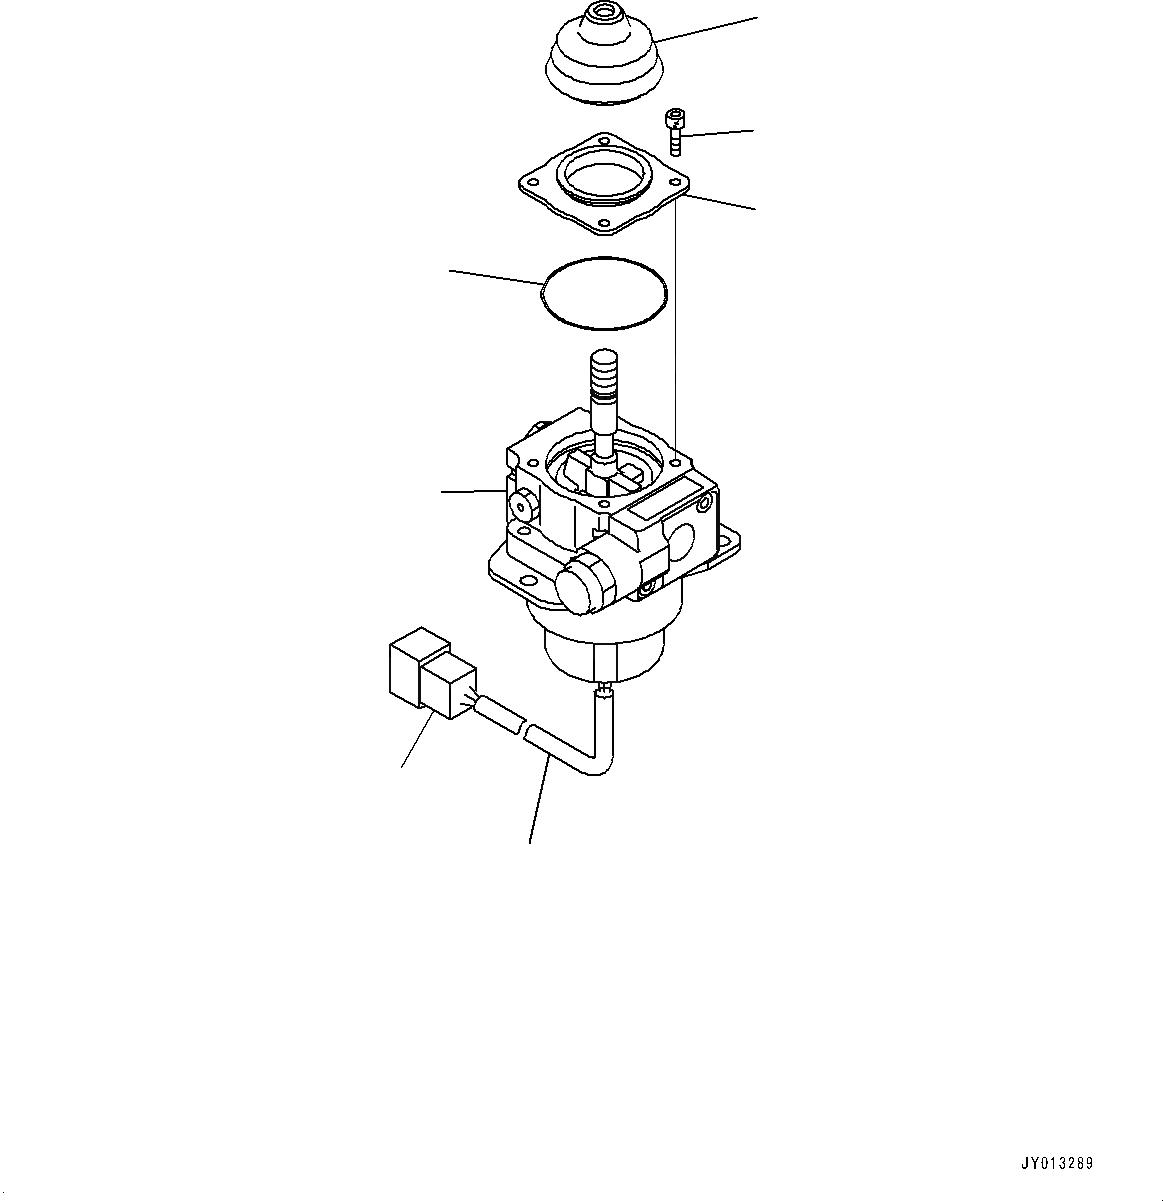 702-16-02290 Komatsu РЫЧАГ В СБОРЕ